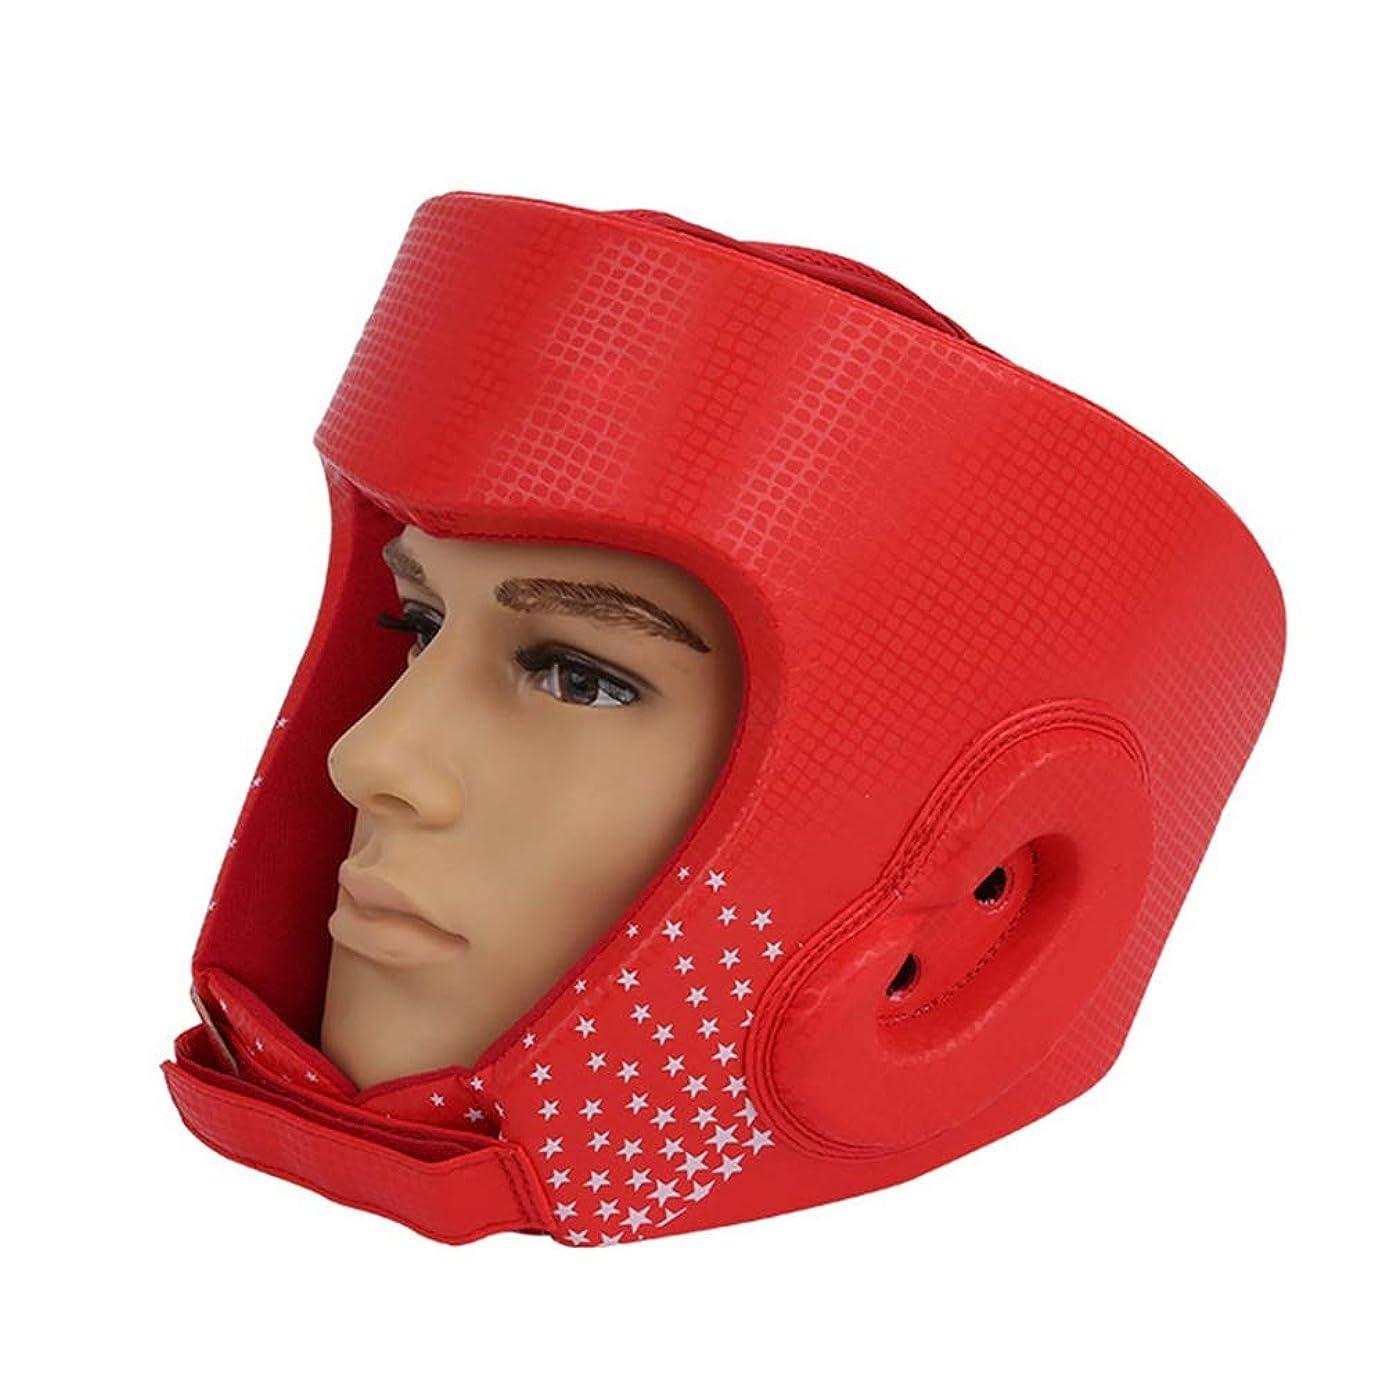 カリキュラム第九処方するBoxing Helmet, 高品質レッドカラーボクシングMMAキックボクシングヘッドギアボクシングヘルメットヘッドガードスパアリングムエタイキックブレースヘッド保護 ボクシングヘッドガードヘルメット (サイズ : S)